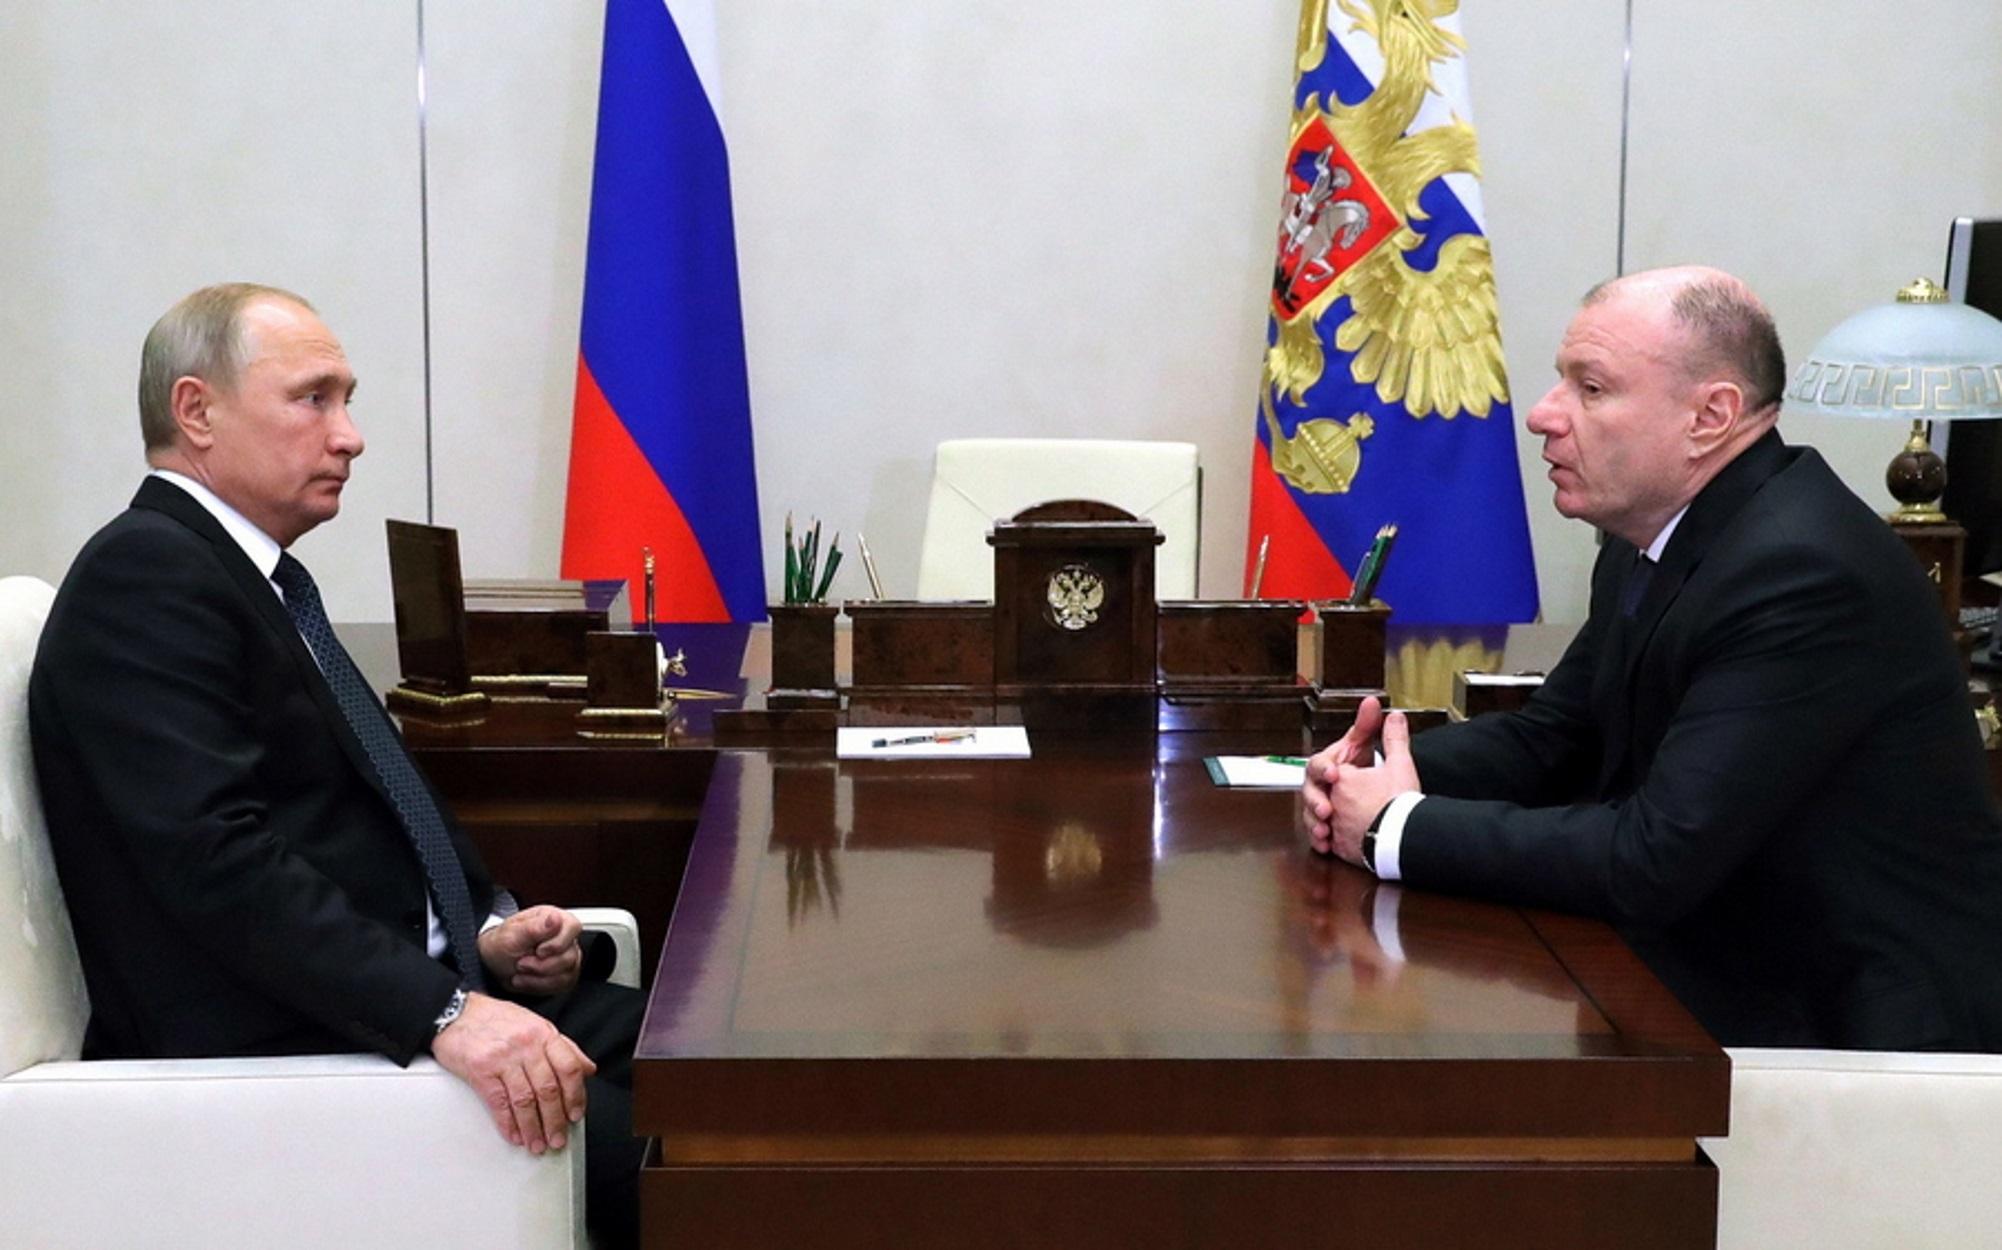 Ποτάνιν: Διατροφή – μαμούθ ζητά η πρώην του Ρώσου ολιγάρχη, φίλου του Πούτιν!